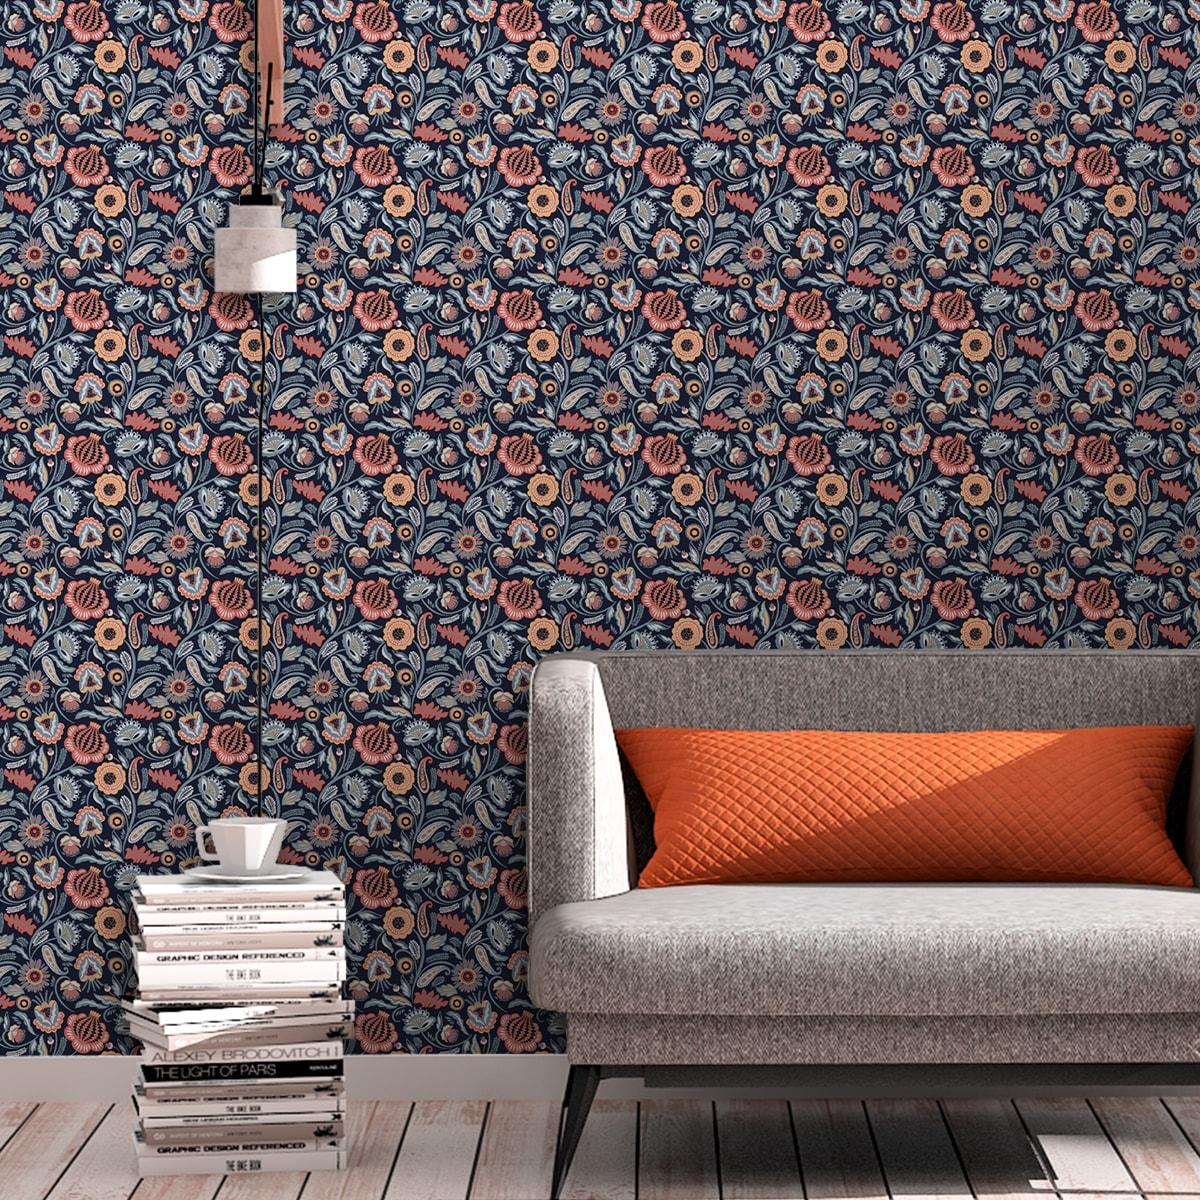 Blumentapete Folklore Garten Vintage Stil in dunkelblau - Vliestapete Blumen für Wohnzimmer 2